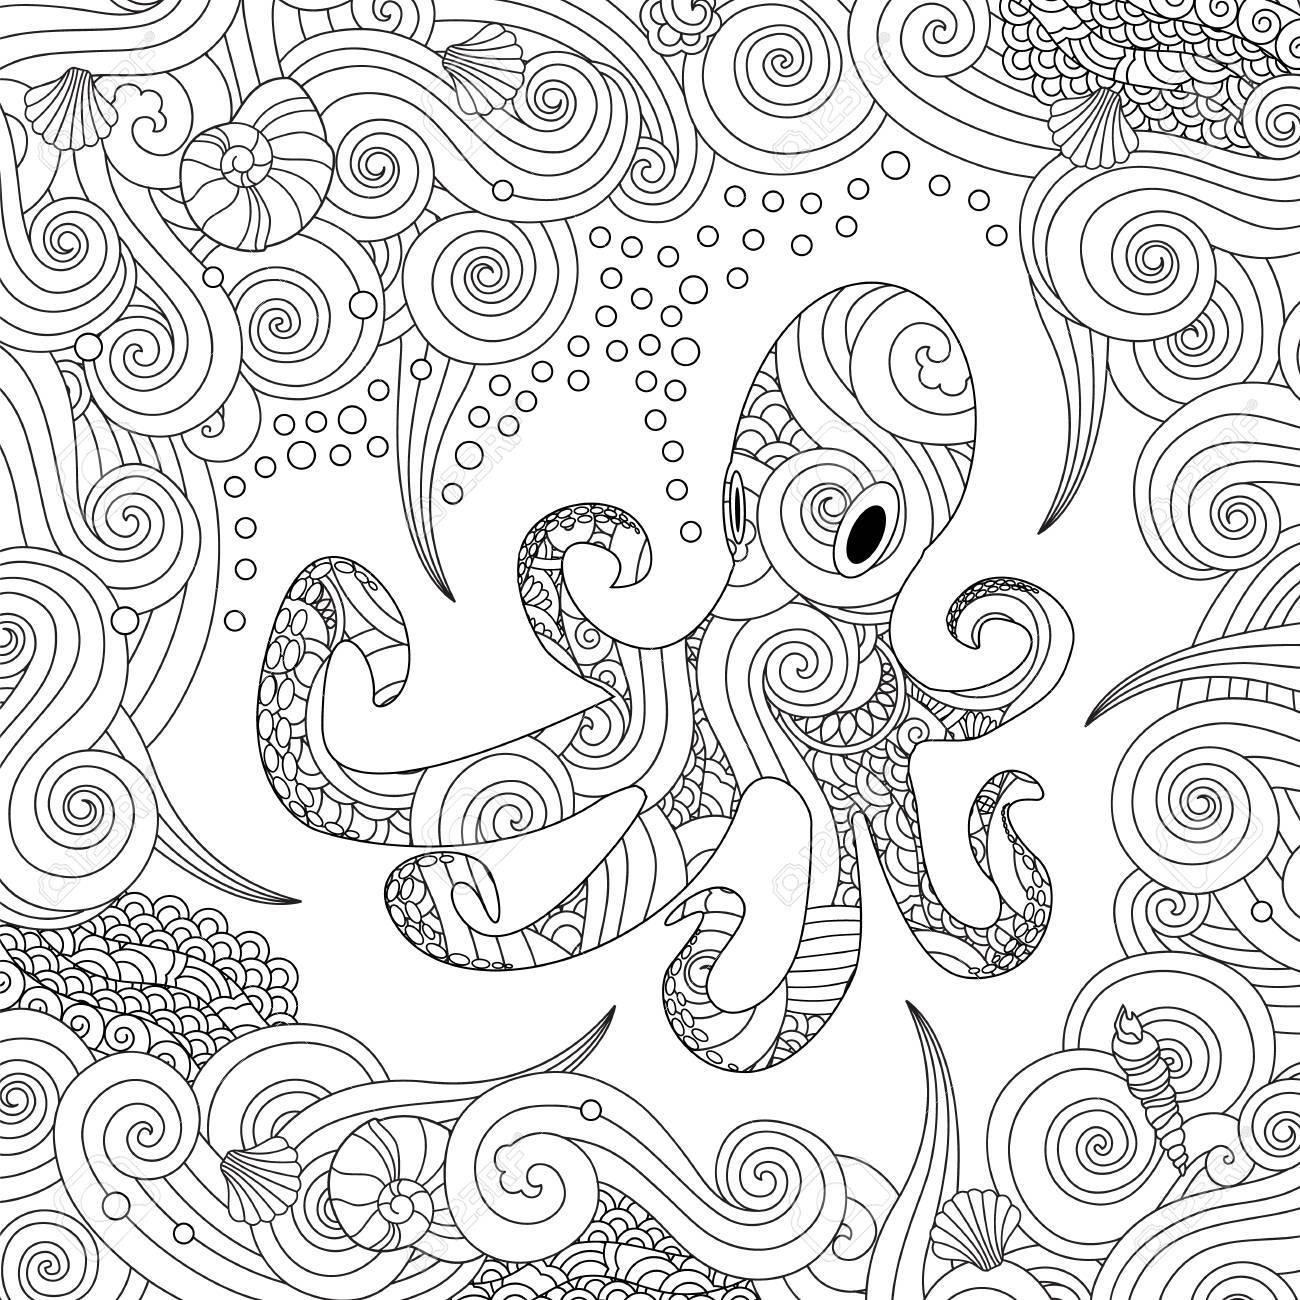 Dibujo Para Colorear Con Pulpo Adornado Aislado Sobre Fondo Blanco